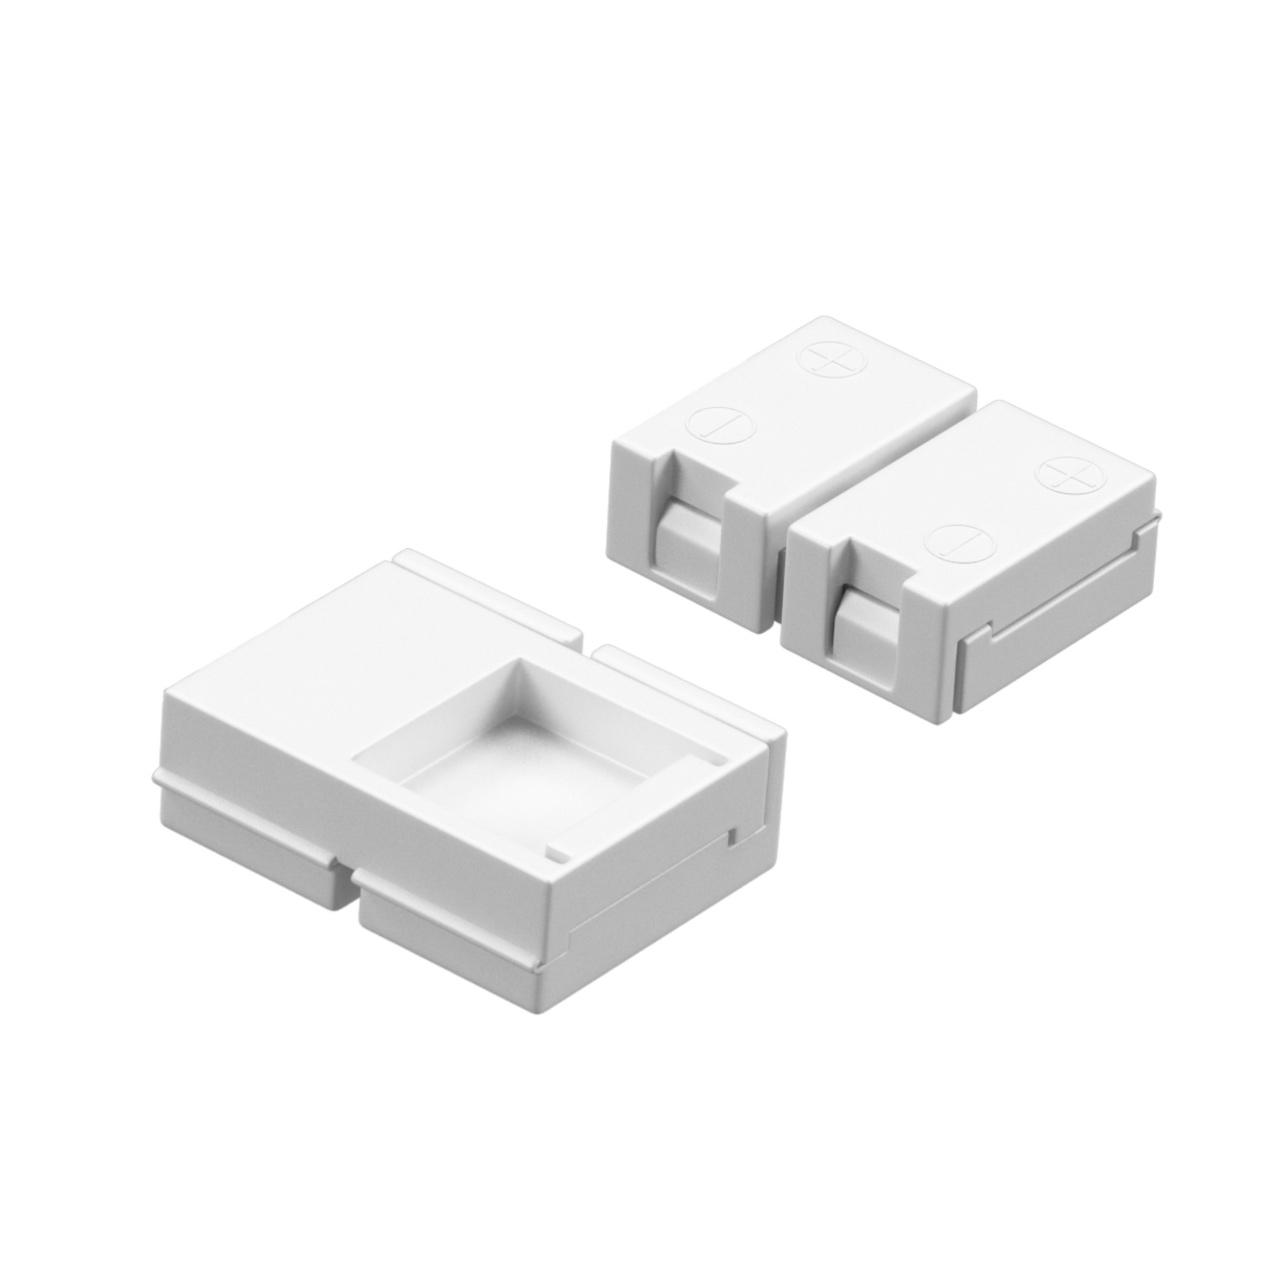 Соединитель жесткий для ленты 12V 5050LED одноцветной 40005Х или 12V 5630LED 40007Х Lightstar 408100